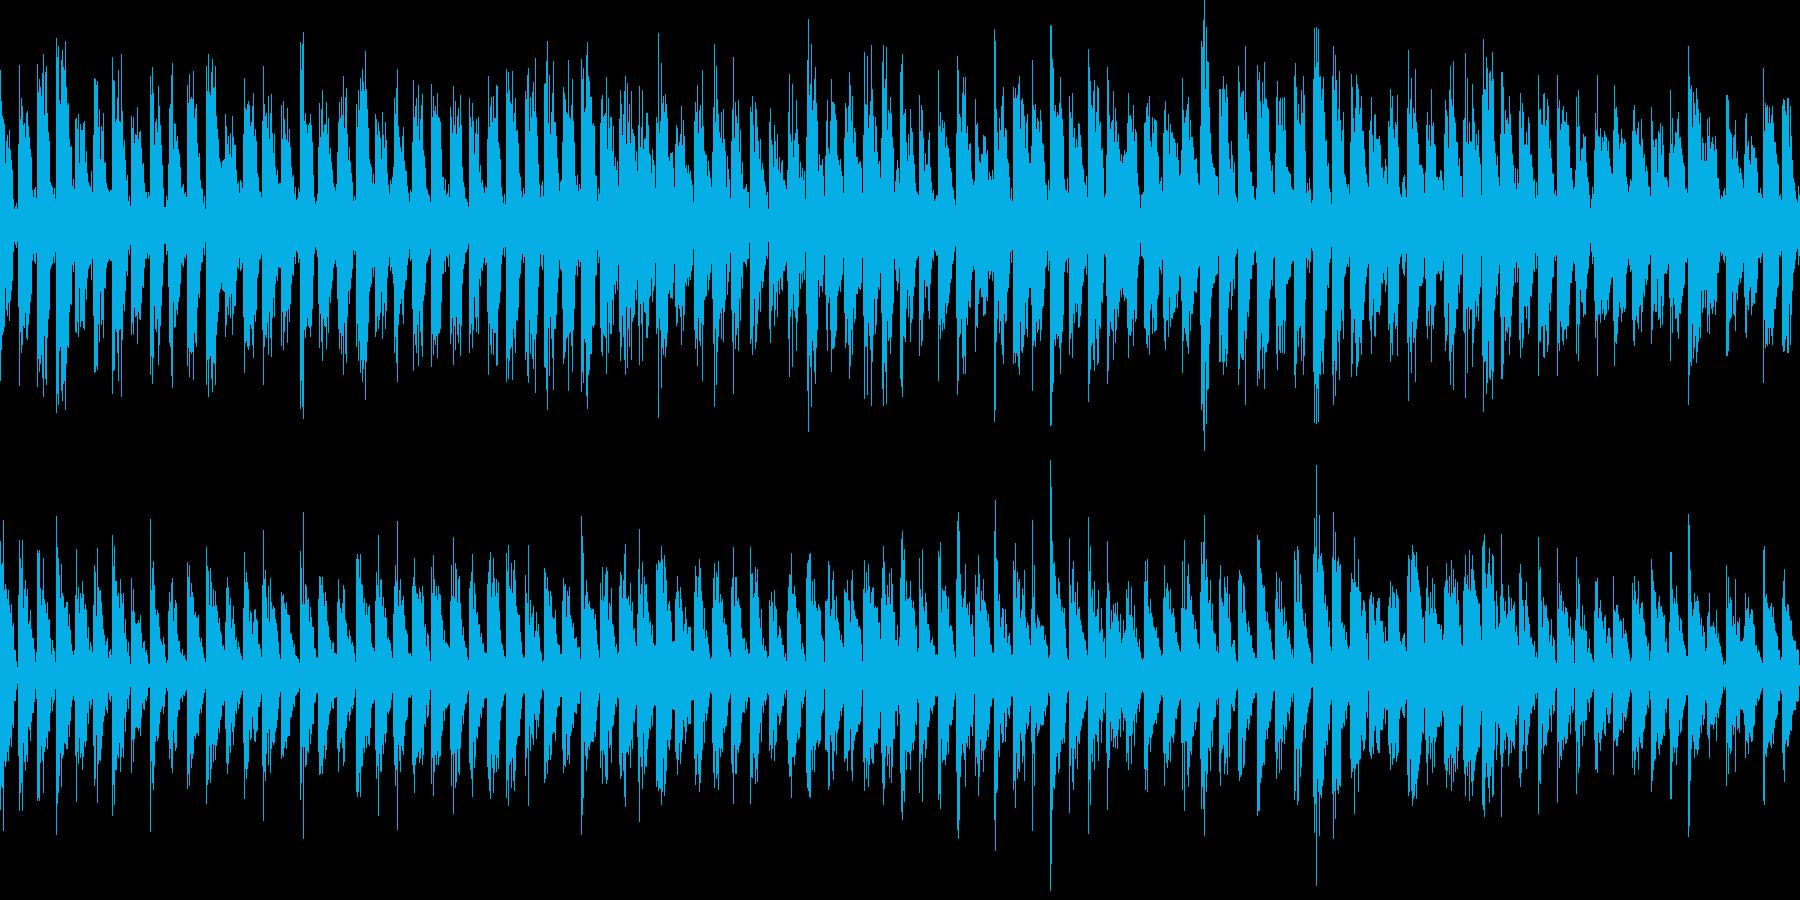 コズミックブギー (ループ仕様)の再生済みの波形